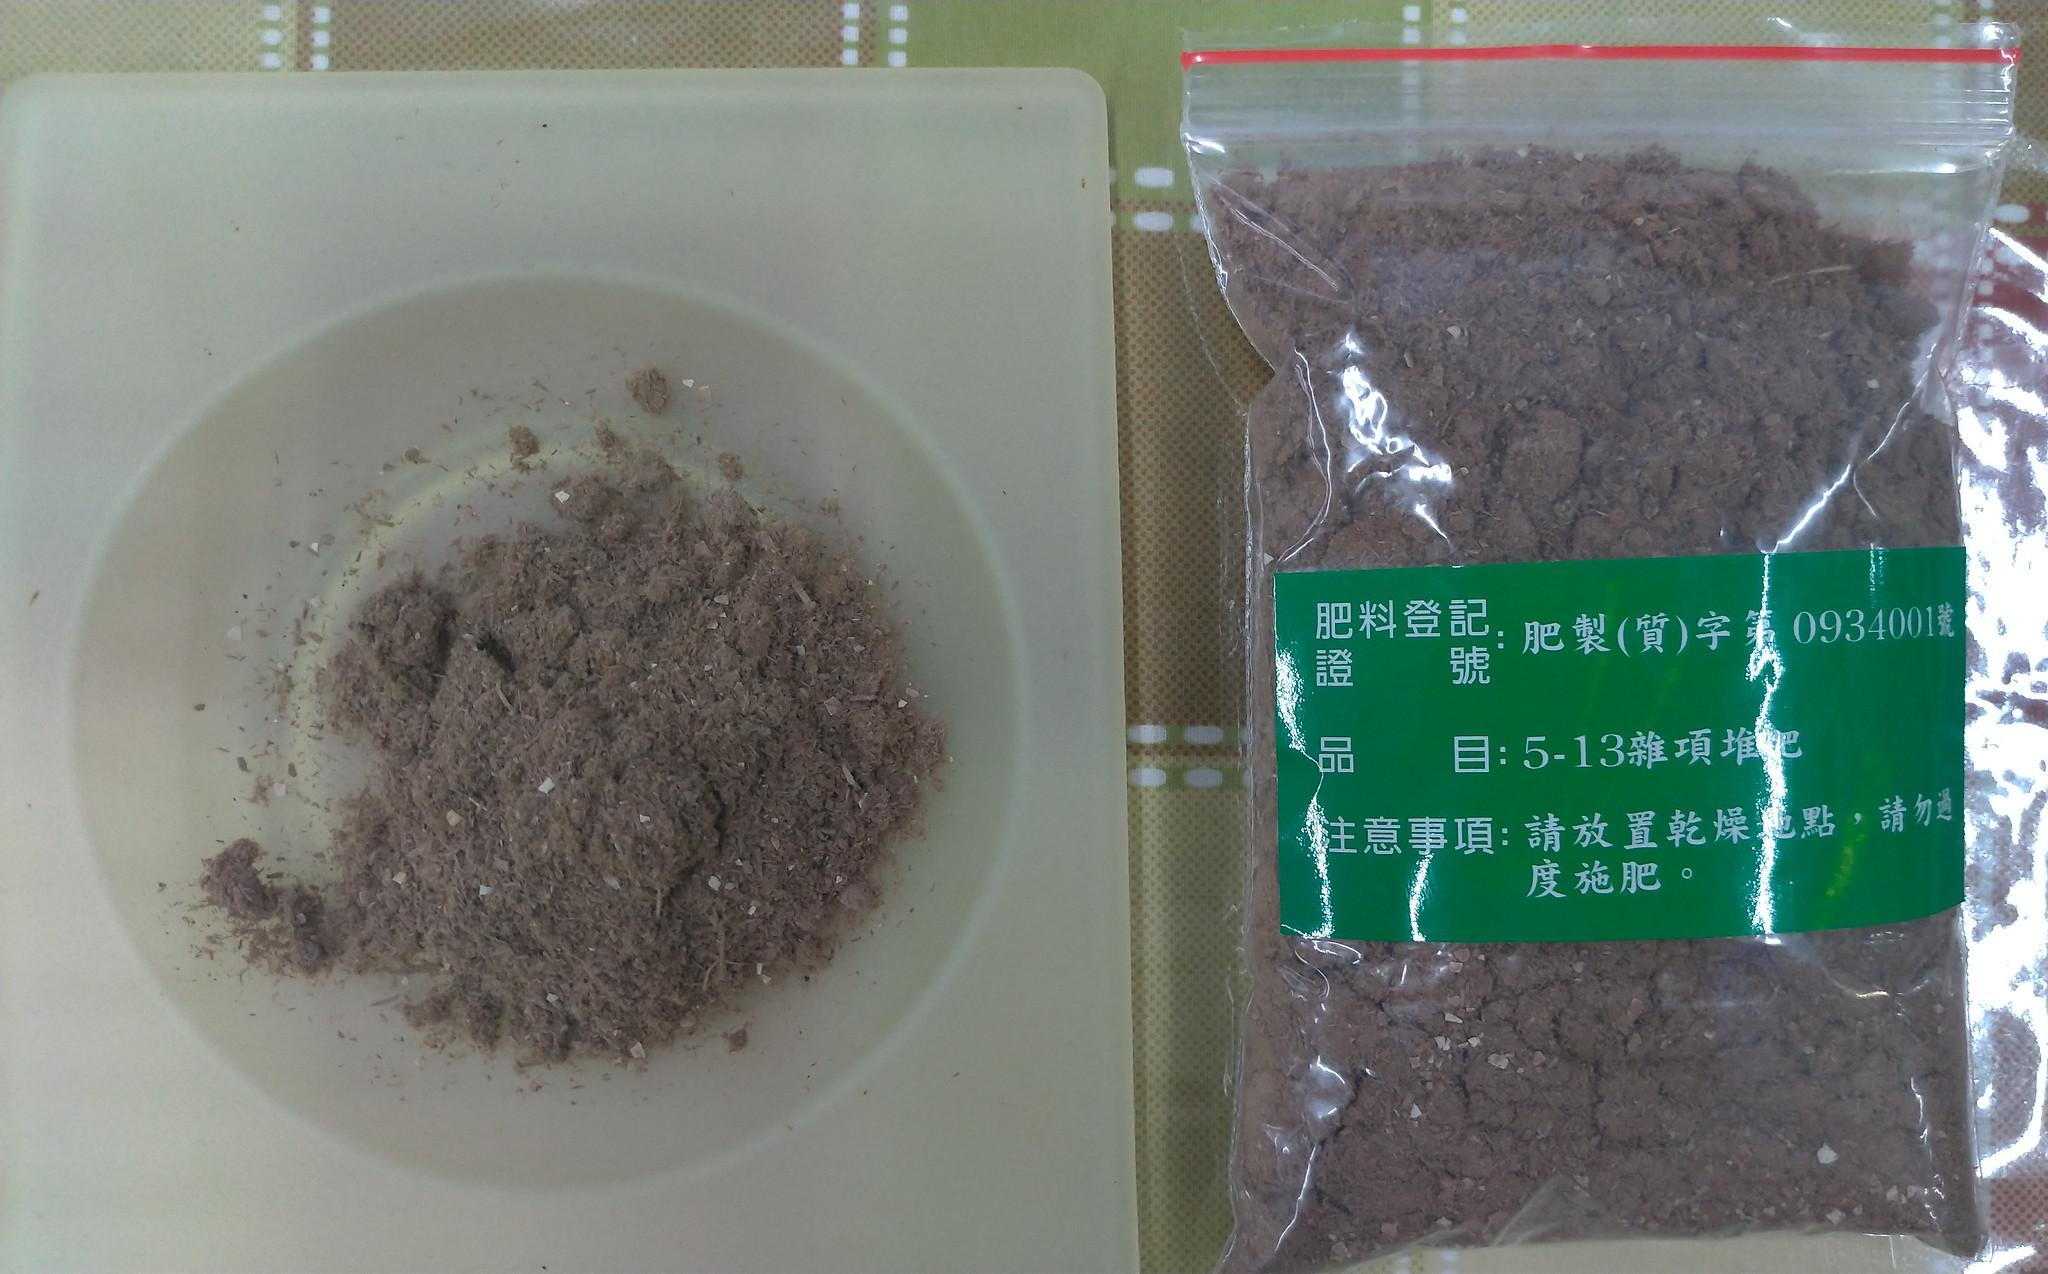 廚餘經機器處理過後產生的有機肥料乾燥無臭。孫文臨攝